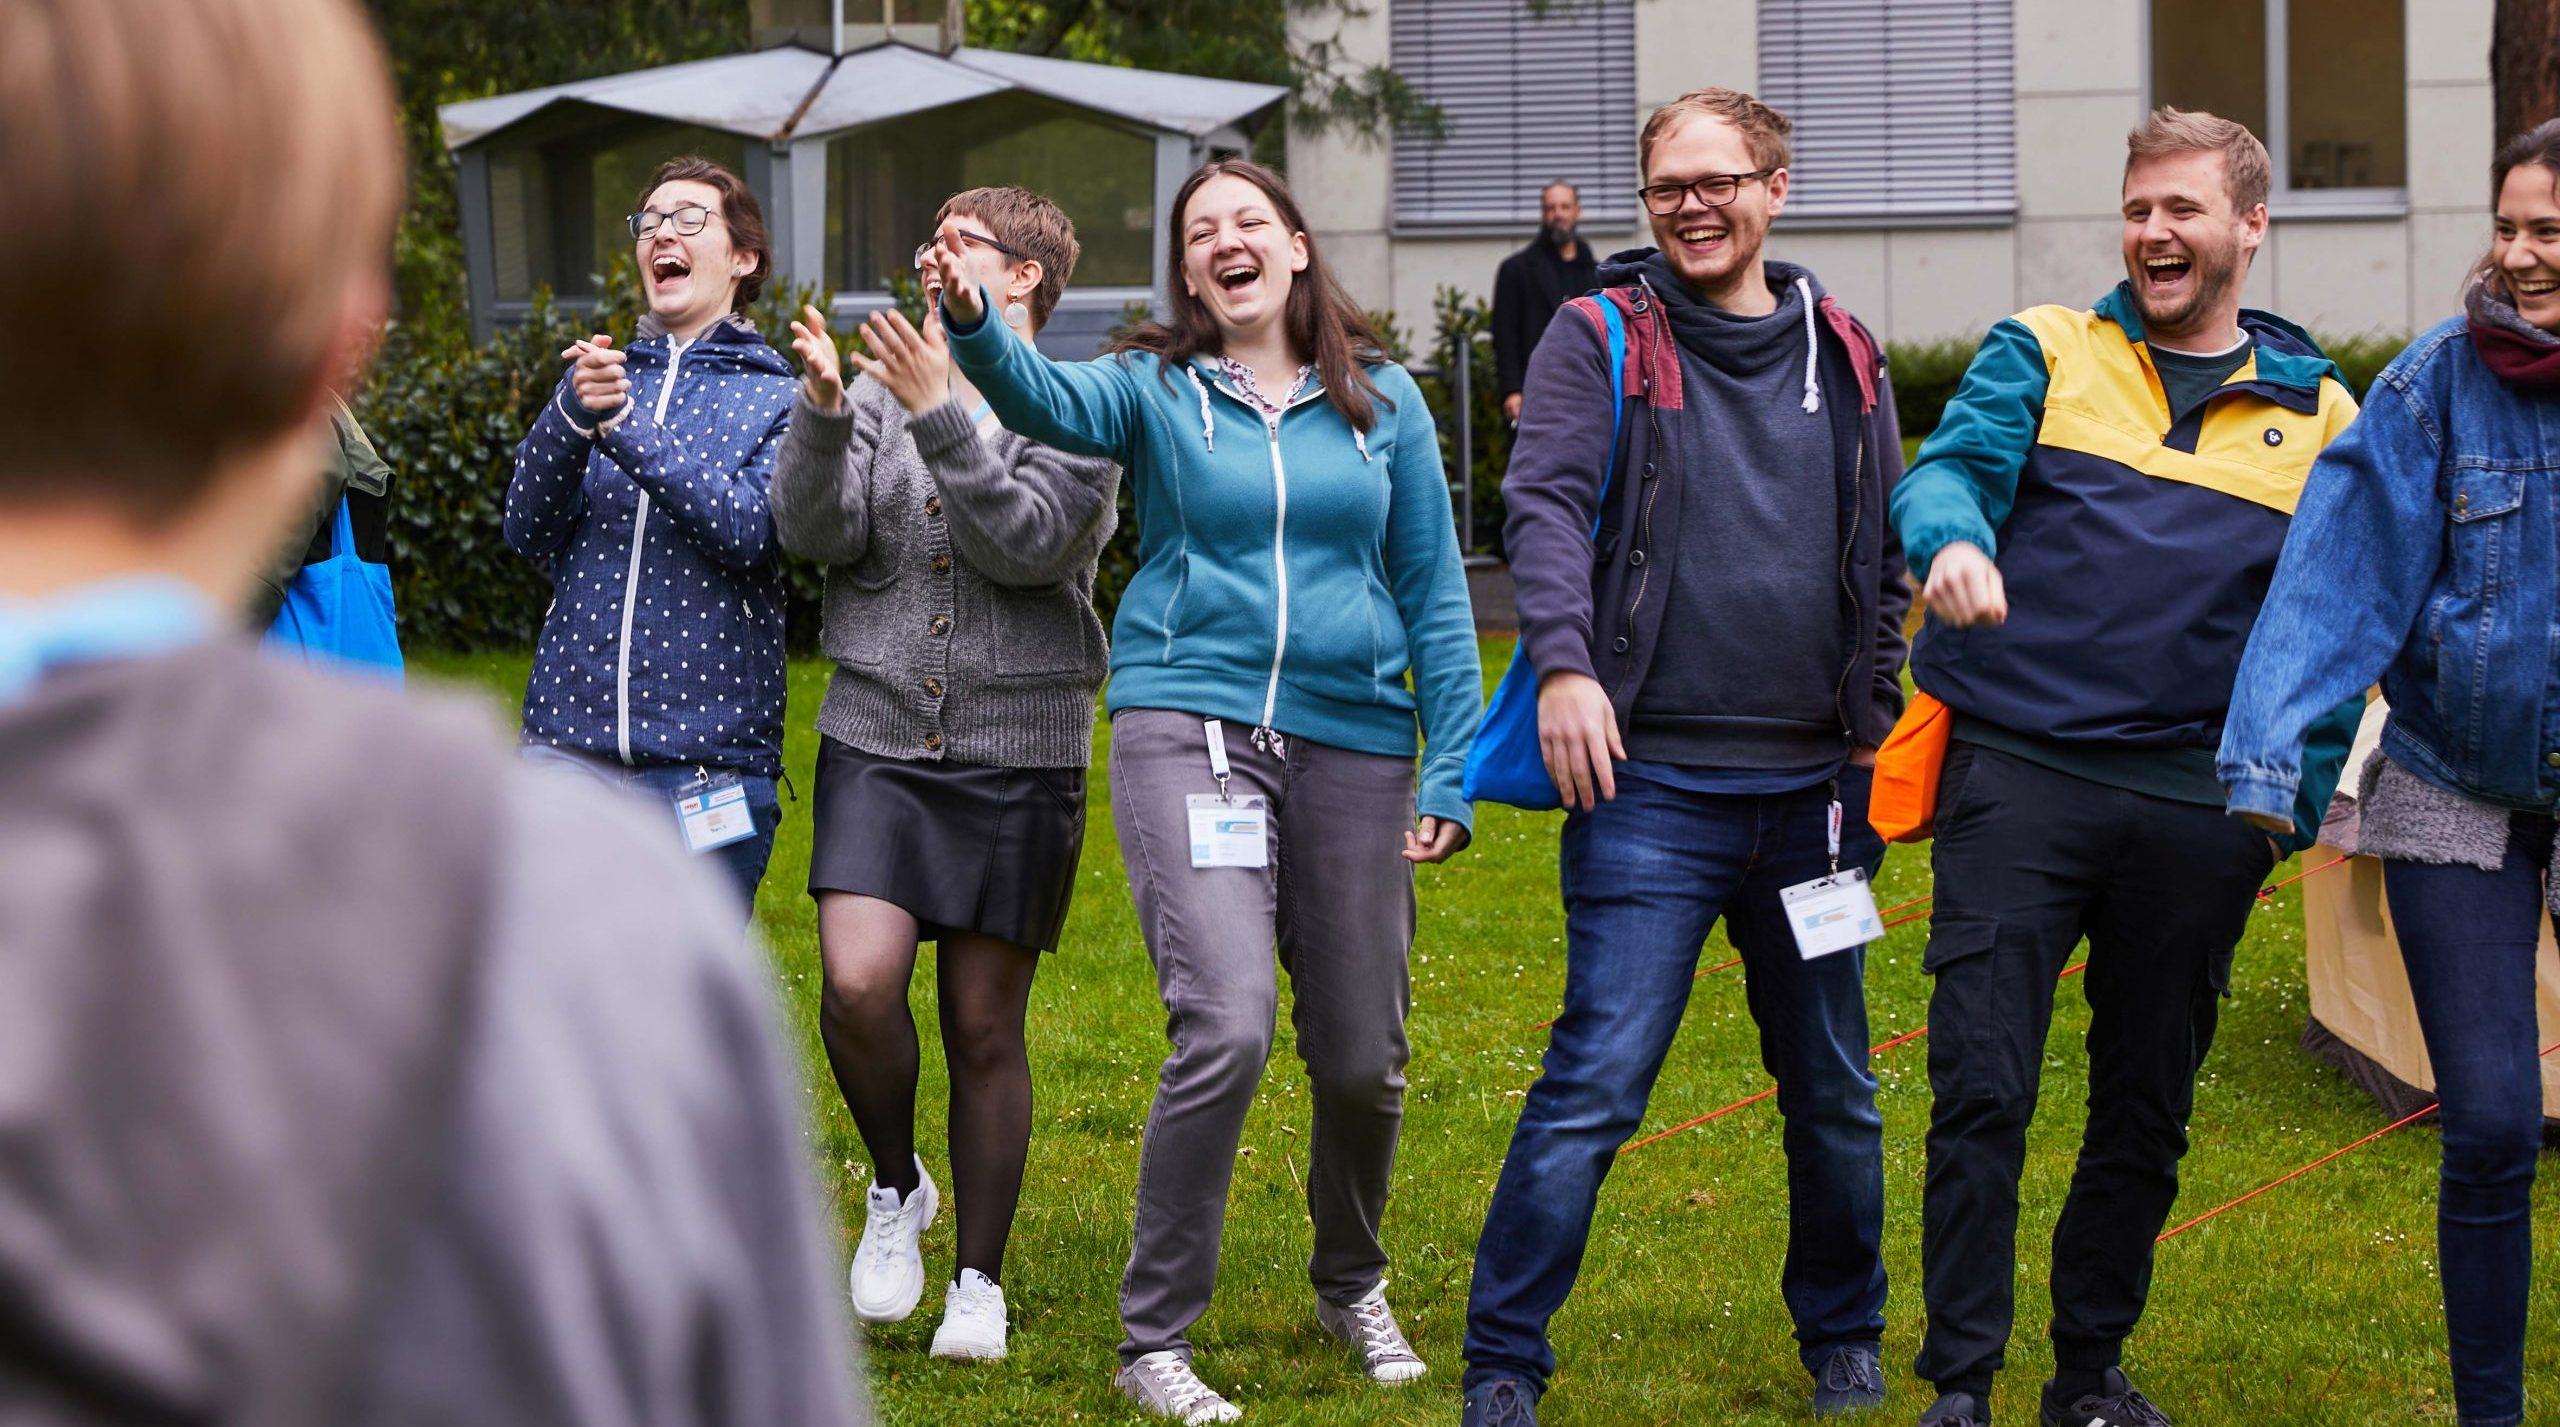 """Das Bild zeigt eine Projektmacherin der Projektgruppe """"Inklusion bei den Pfadfinder*innen"""" mit vier anderen Personen, die gemeinsam einen Energizer spielen. © Servicestelle Jugendbeteiligung, 2019"""